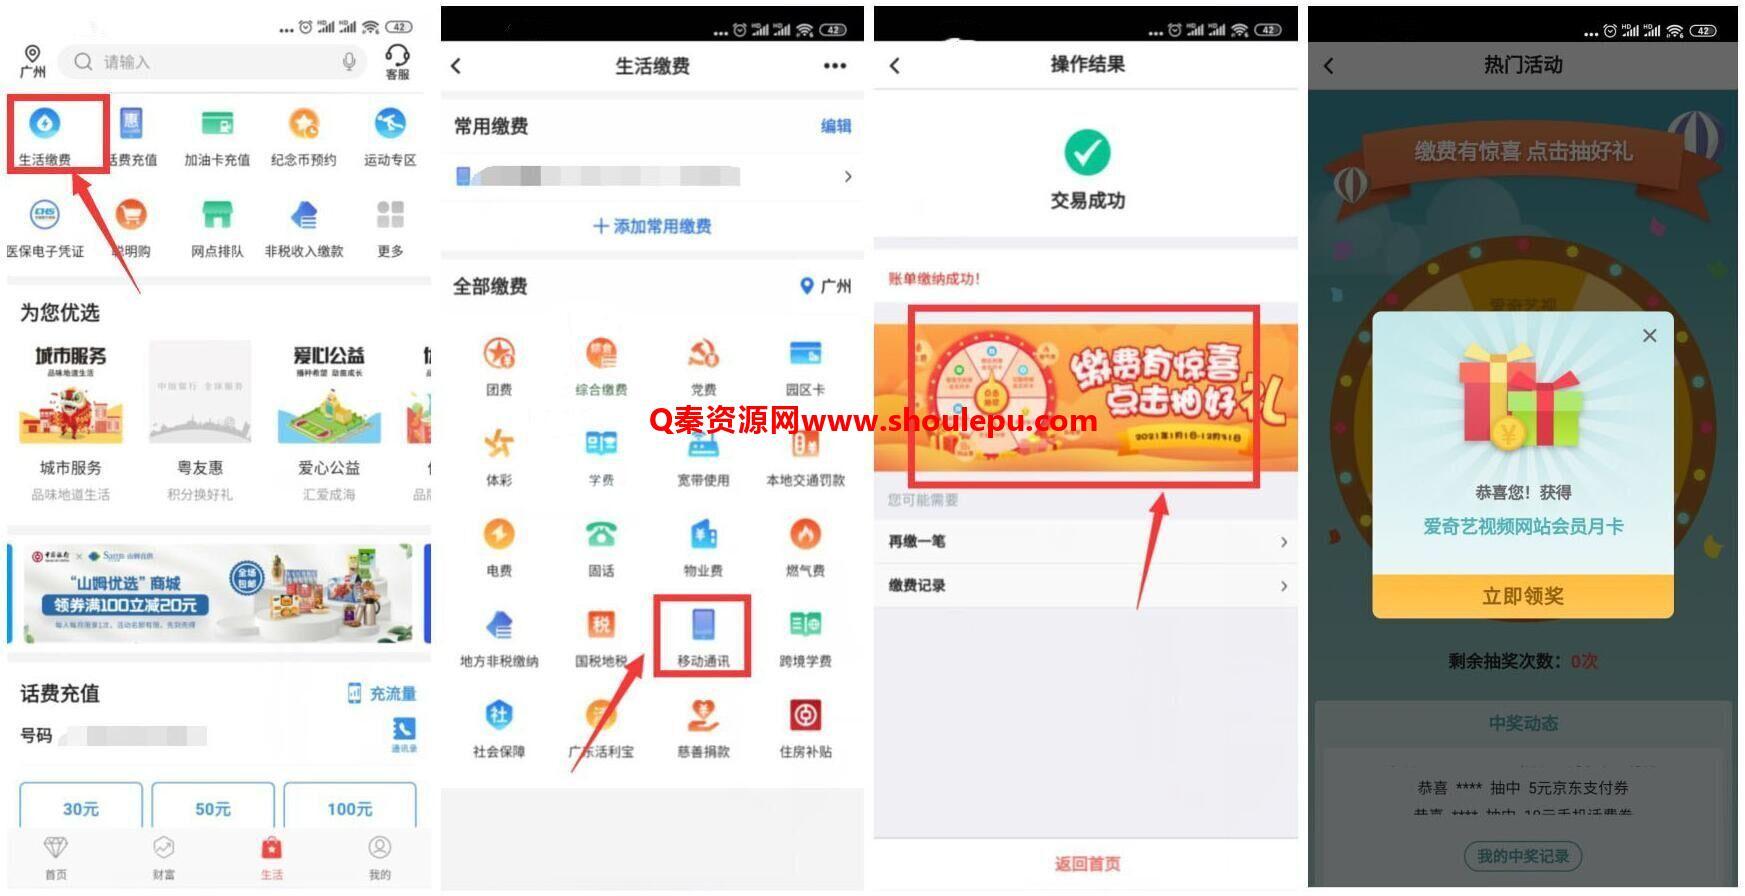 中国银行新一期老用户抽话费券会员